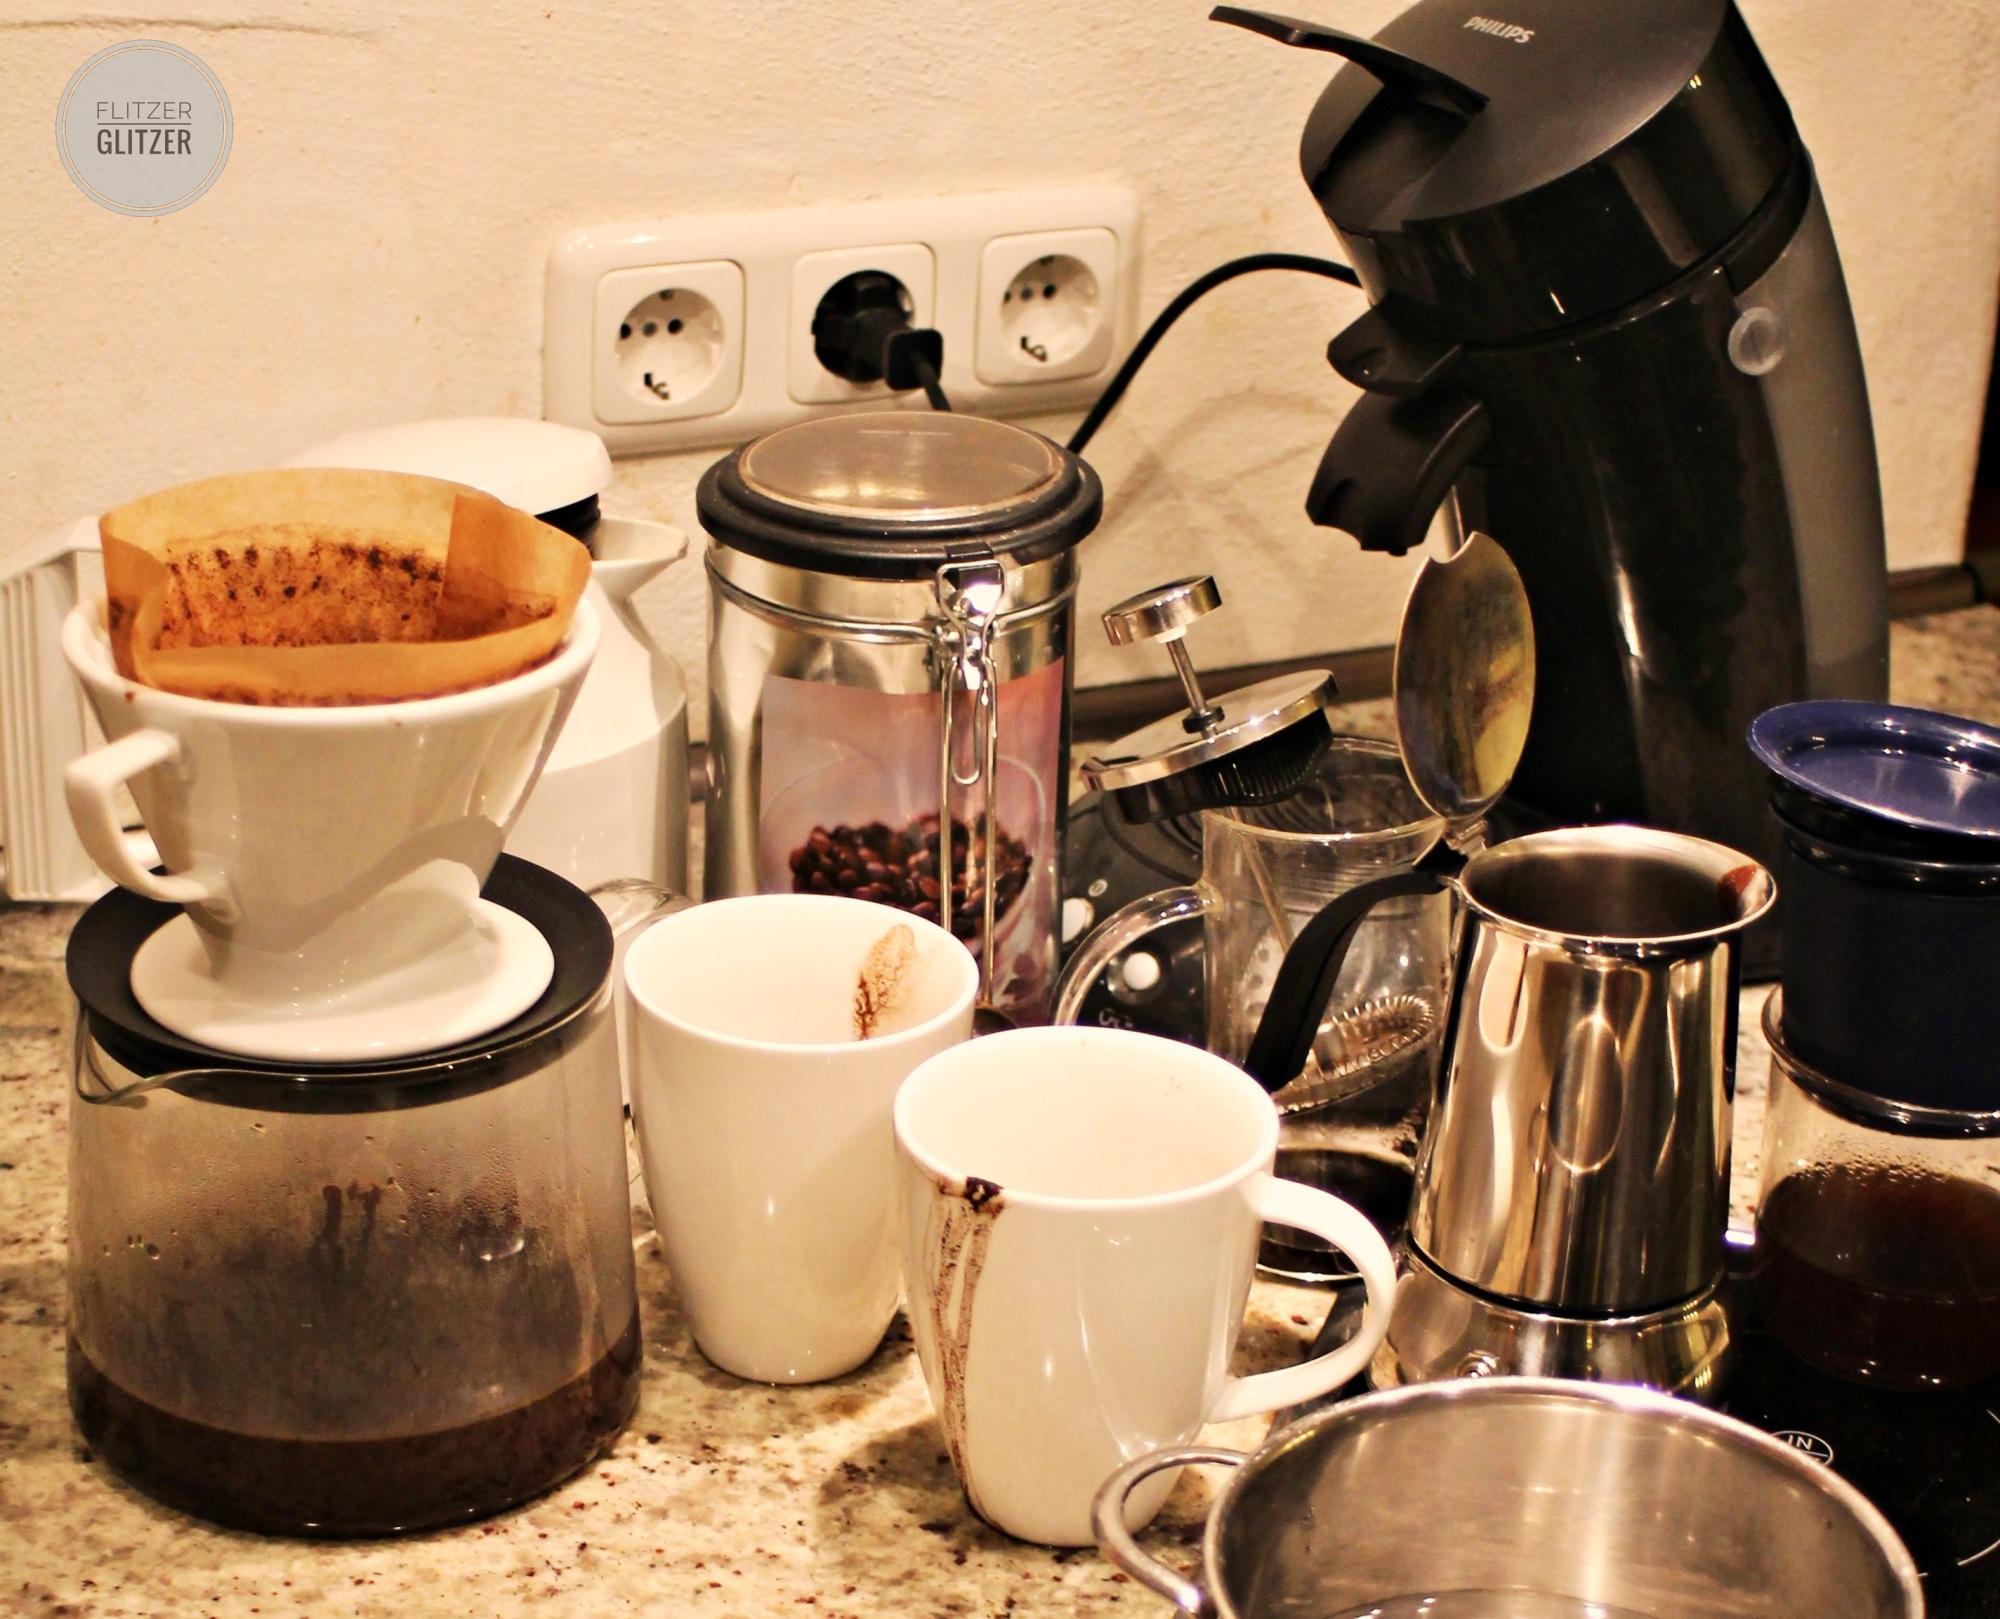 """Das Bild zeigt die Ansammlung einiger Kaffeezubereitungsgeräte aus Glitzers Versuchsreihe. Alles in Allem ziemlich """"benutzt"""", d.h. eingesaut."""